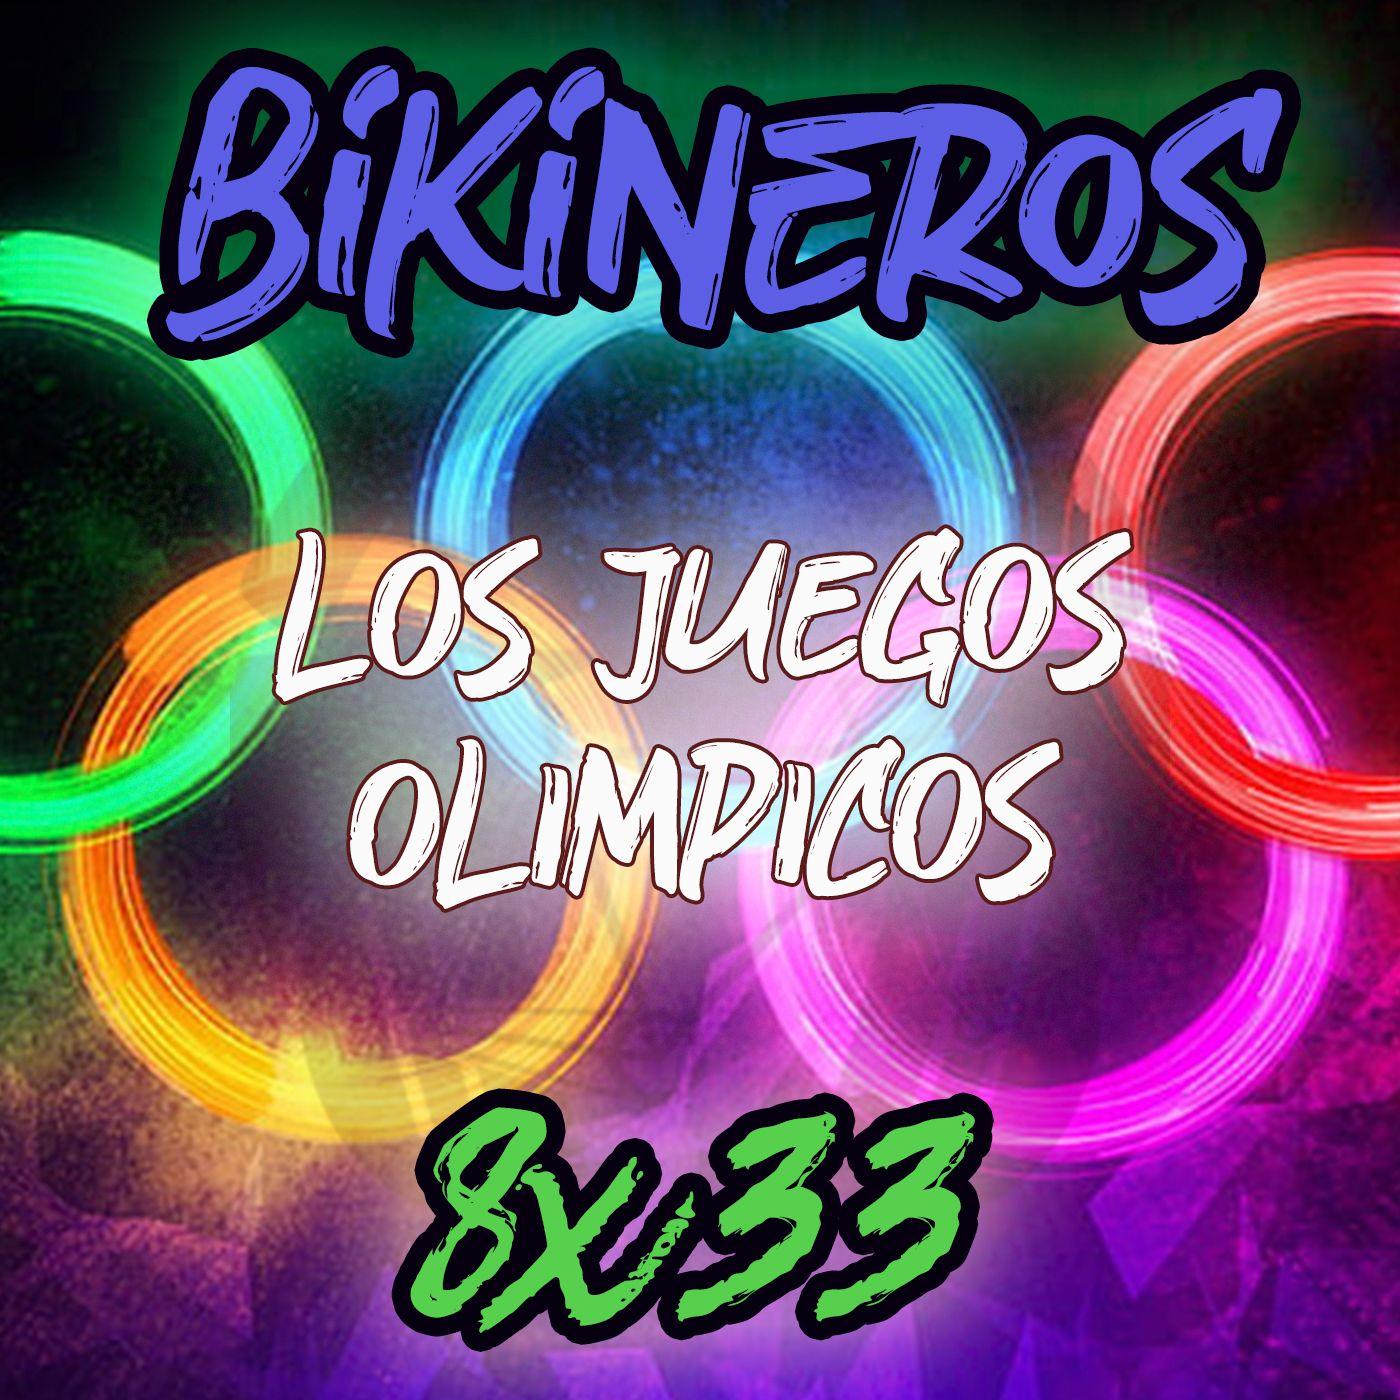 BKN 8x33 Lo de los Juegos Olímpicos, Fundación, el Karoo y BicycleTea 🥇🥈🥉🚴♀️🚵♂️